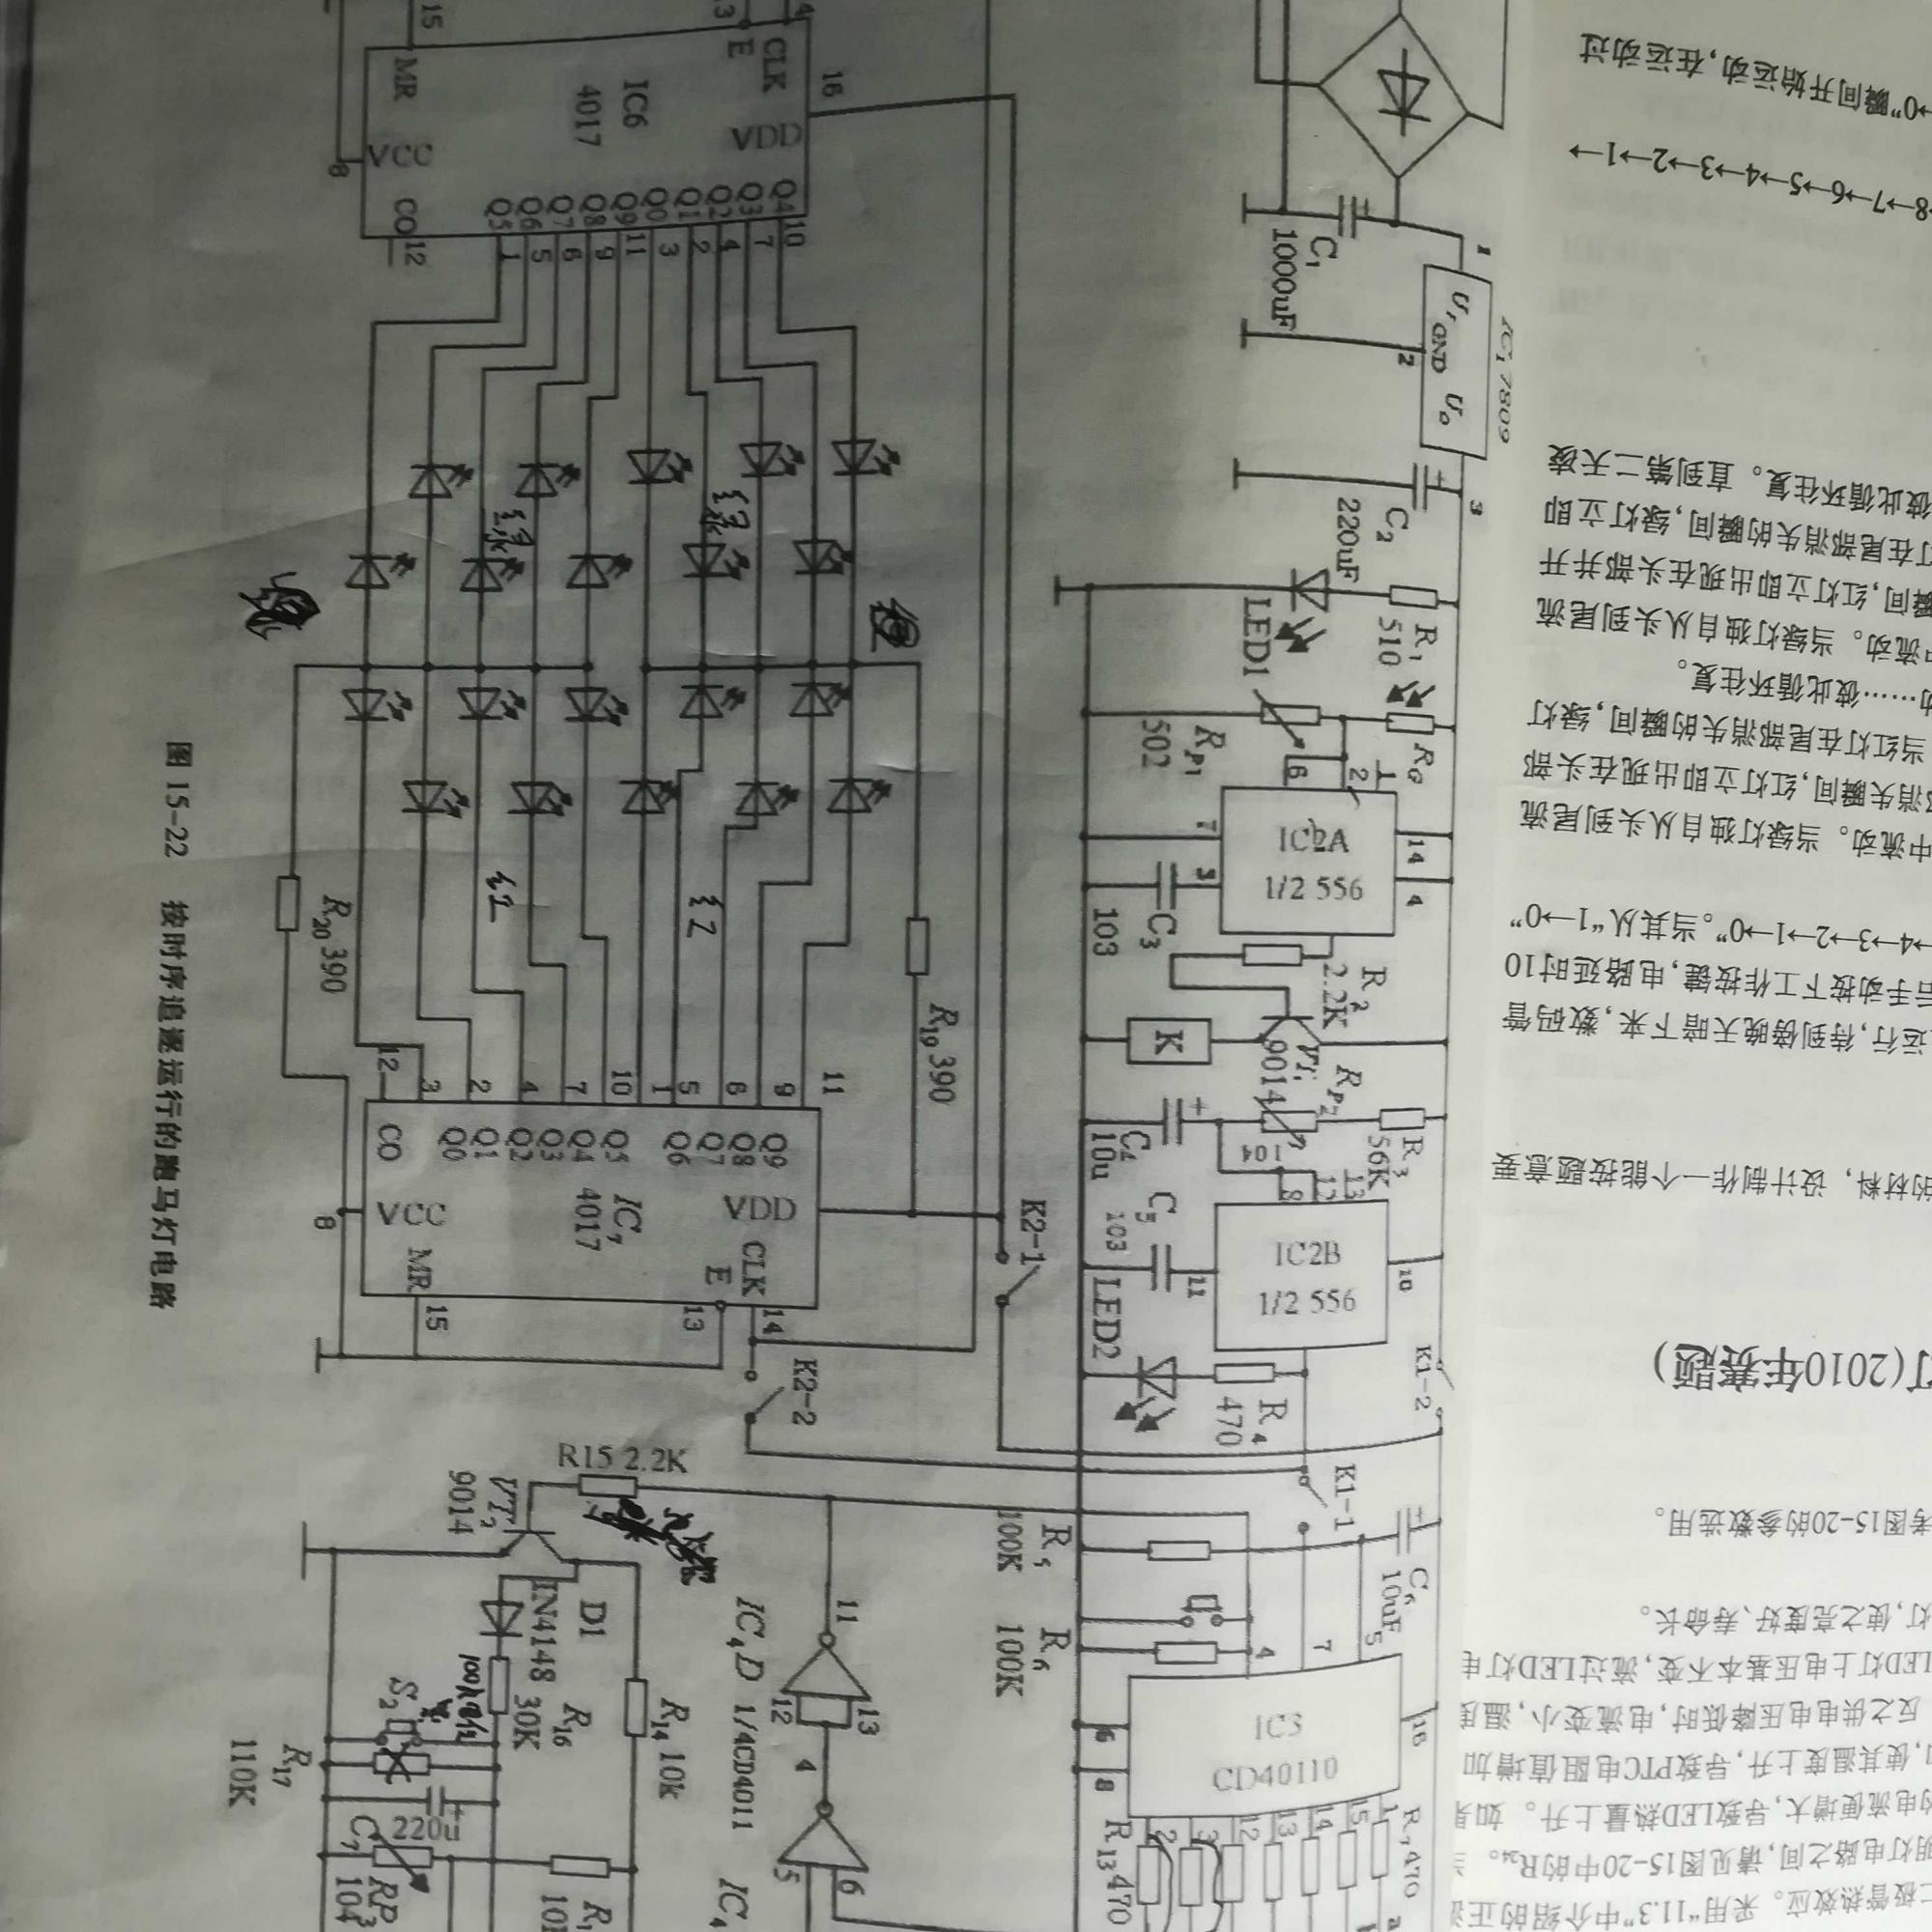 跑马灯制作 求助 帮我把芯片替换一下 拜托